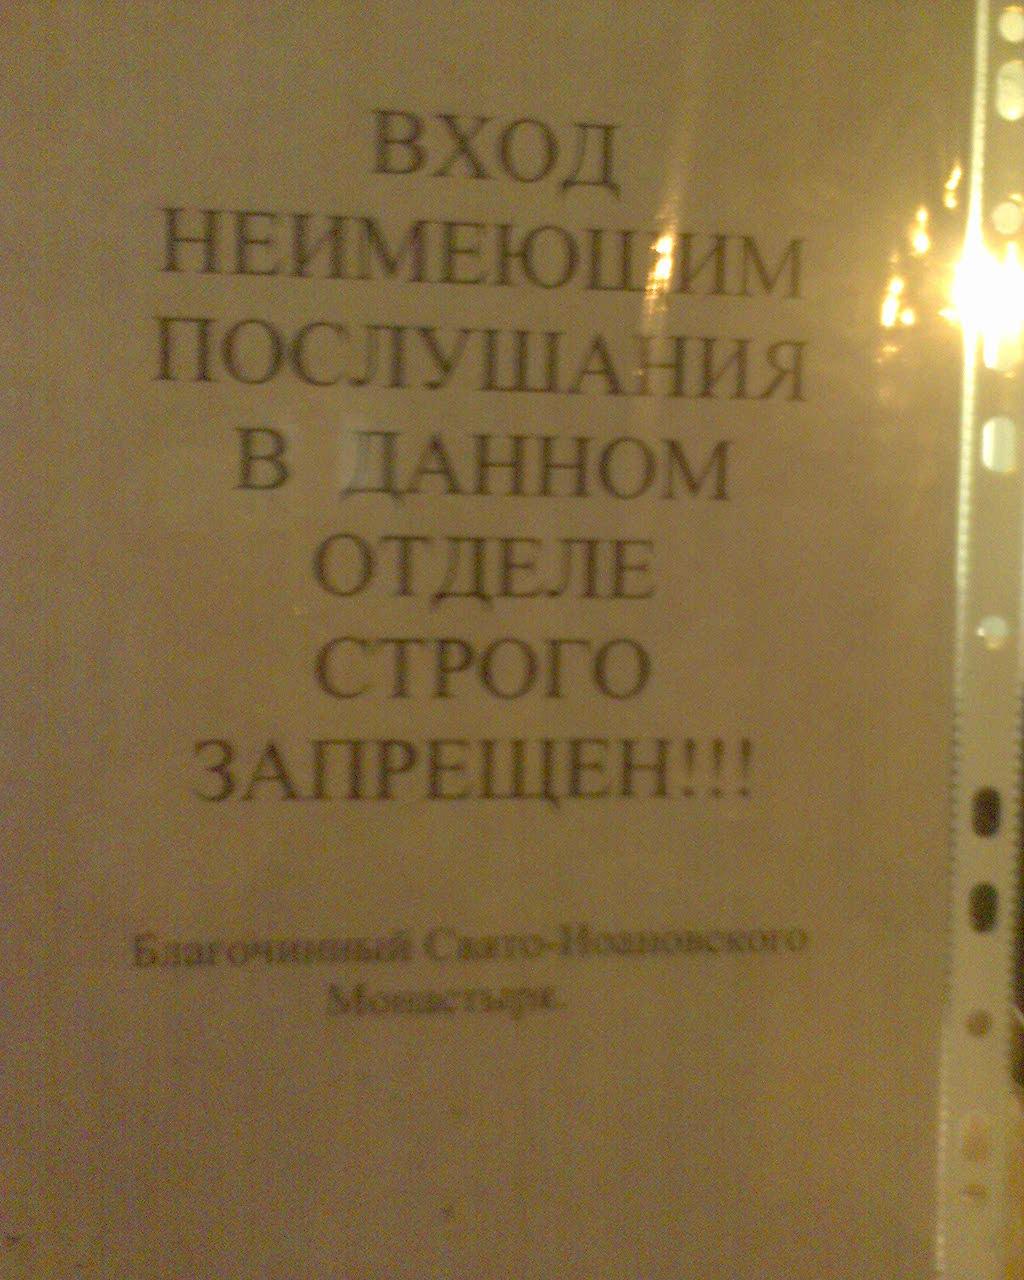 Фото из личного архива. Табличка на входе в офисную часть